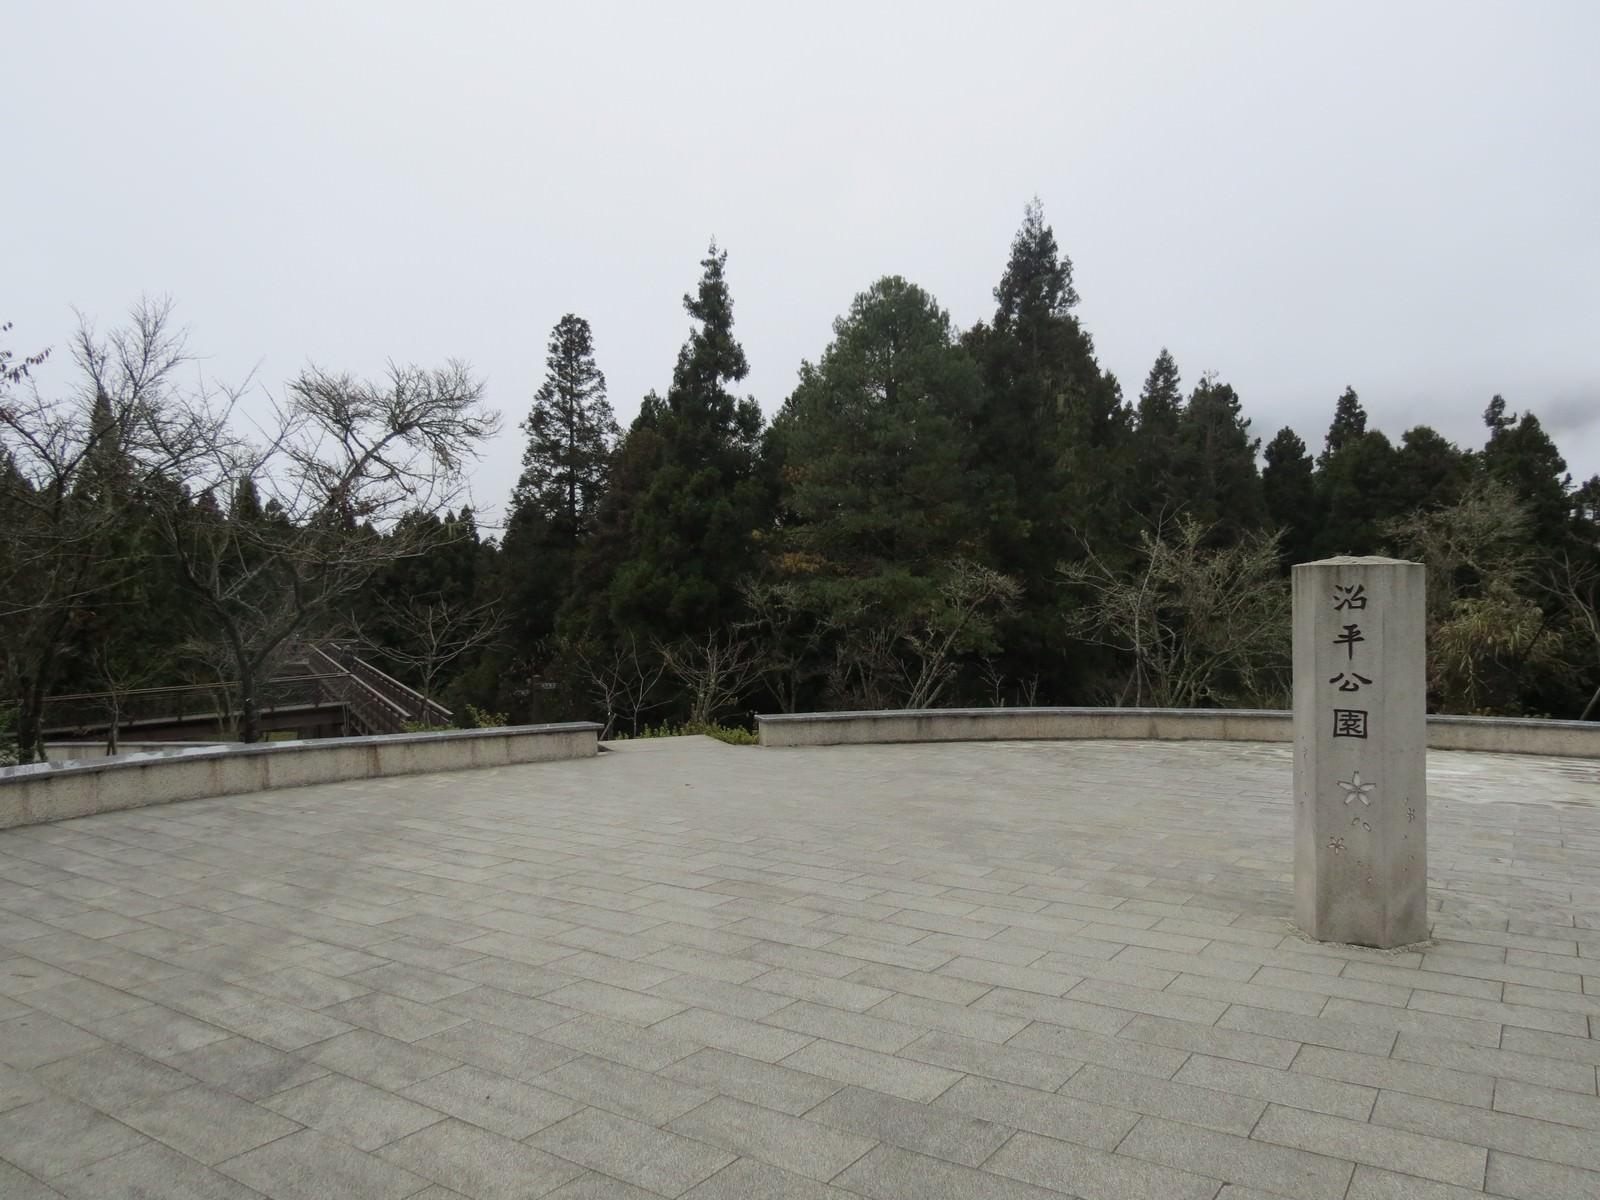 阿里山國家風景區, 沼平公園